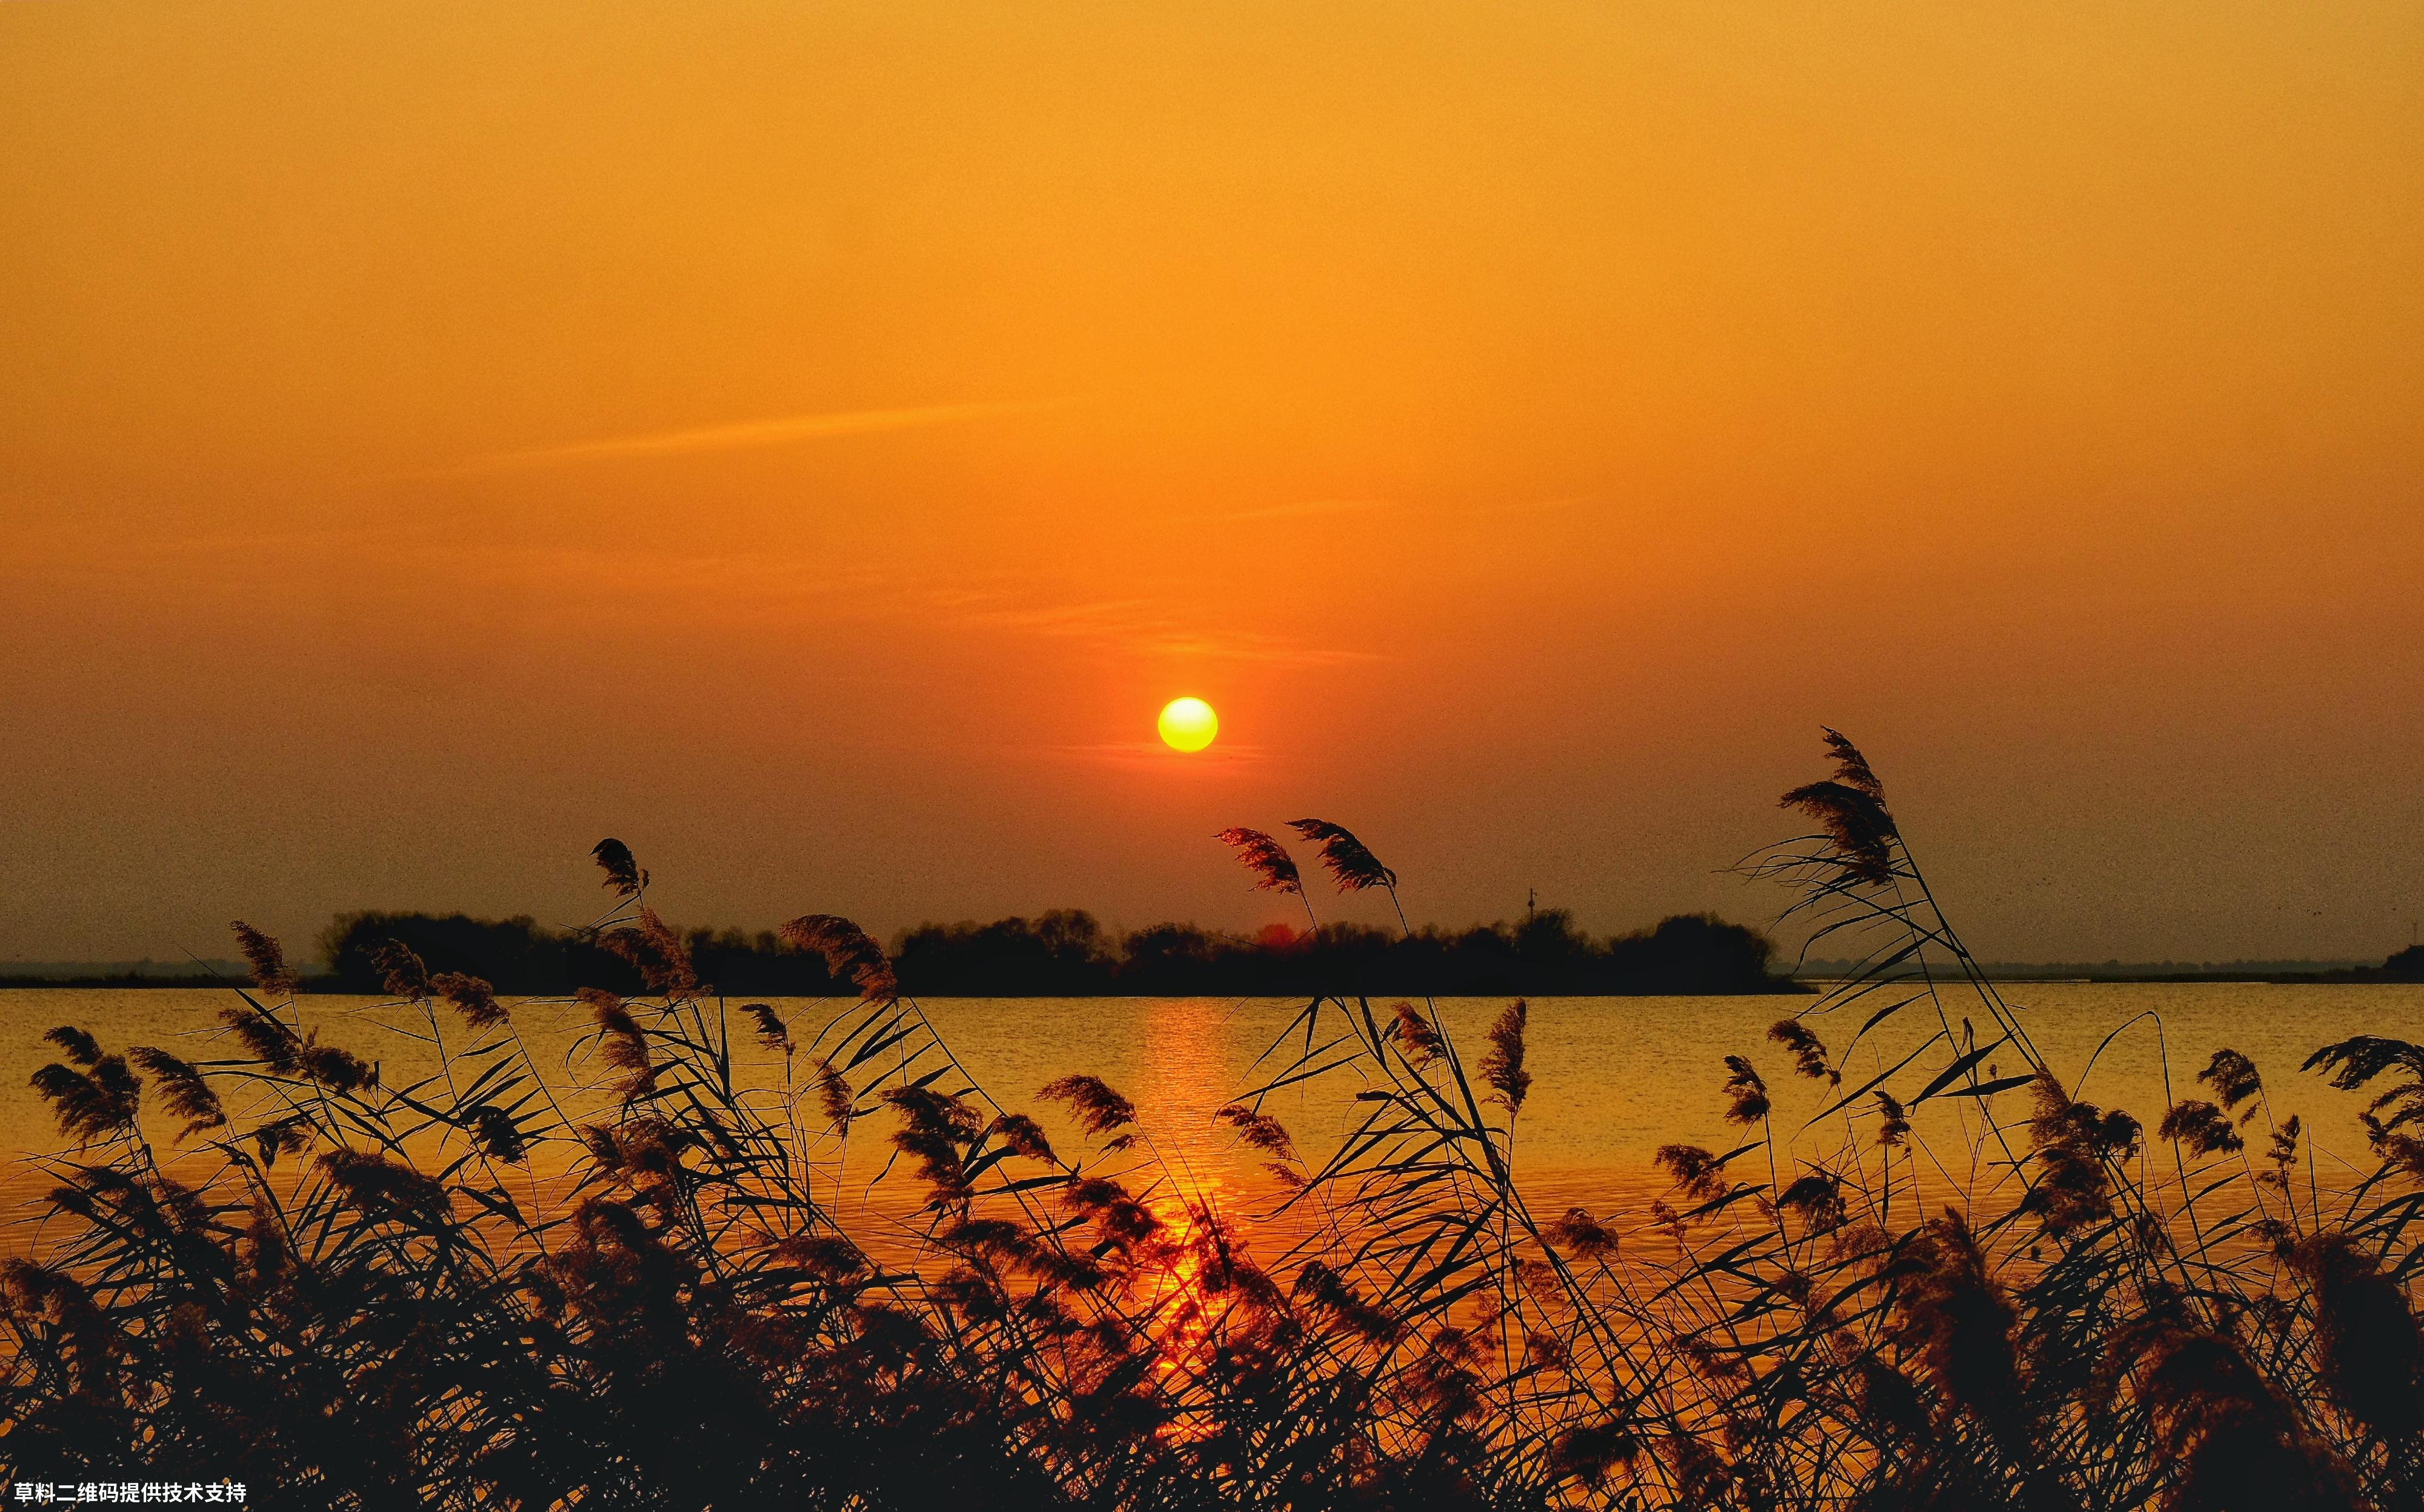 冰糖葫芦《衡水湖晚霞》未知,作品拍摄于衡水湖,当时的晚霞很美。.jpg